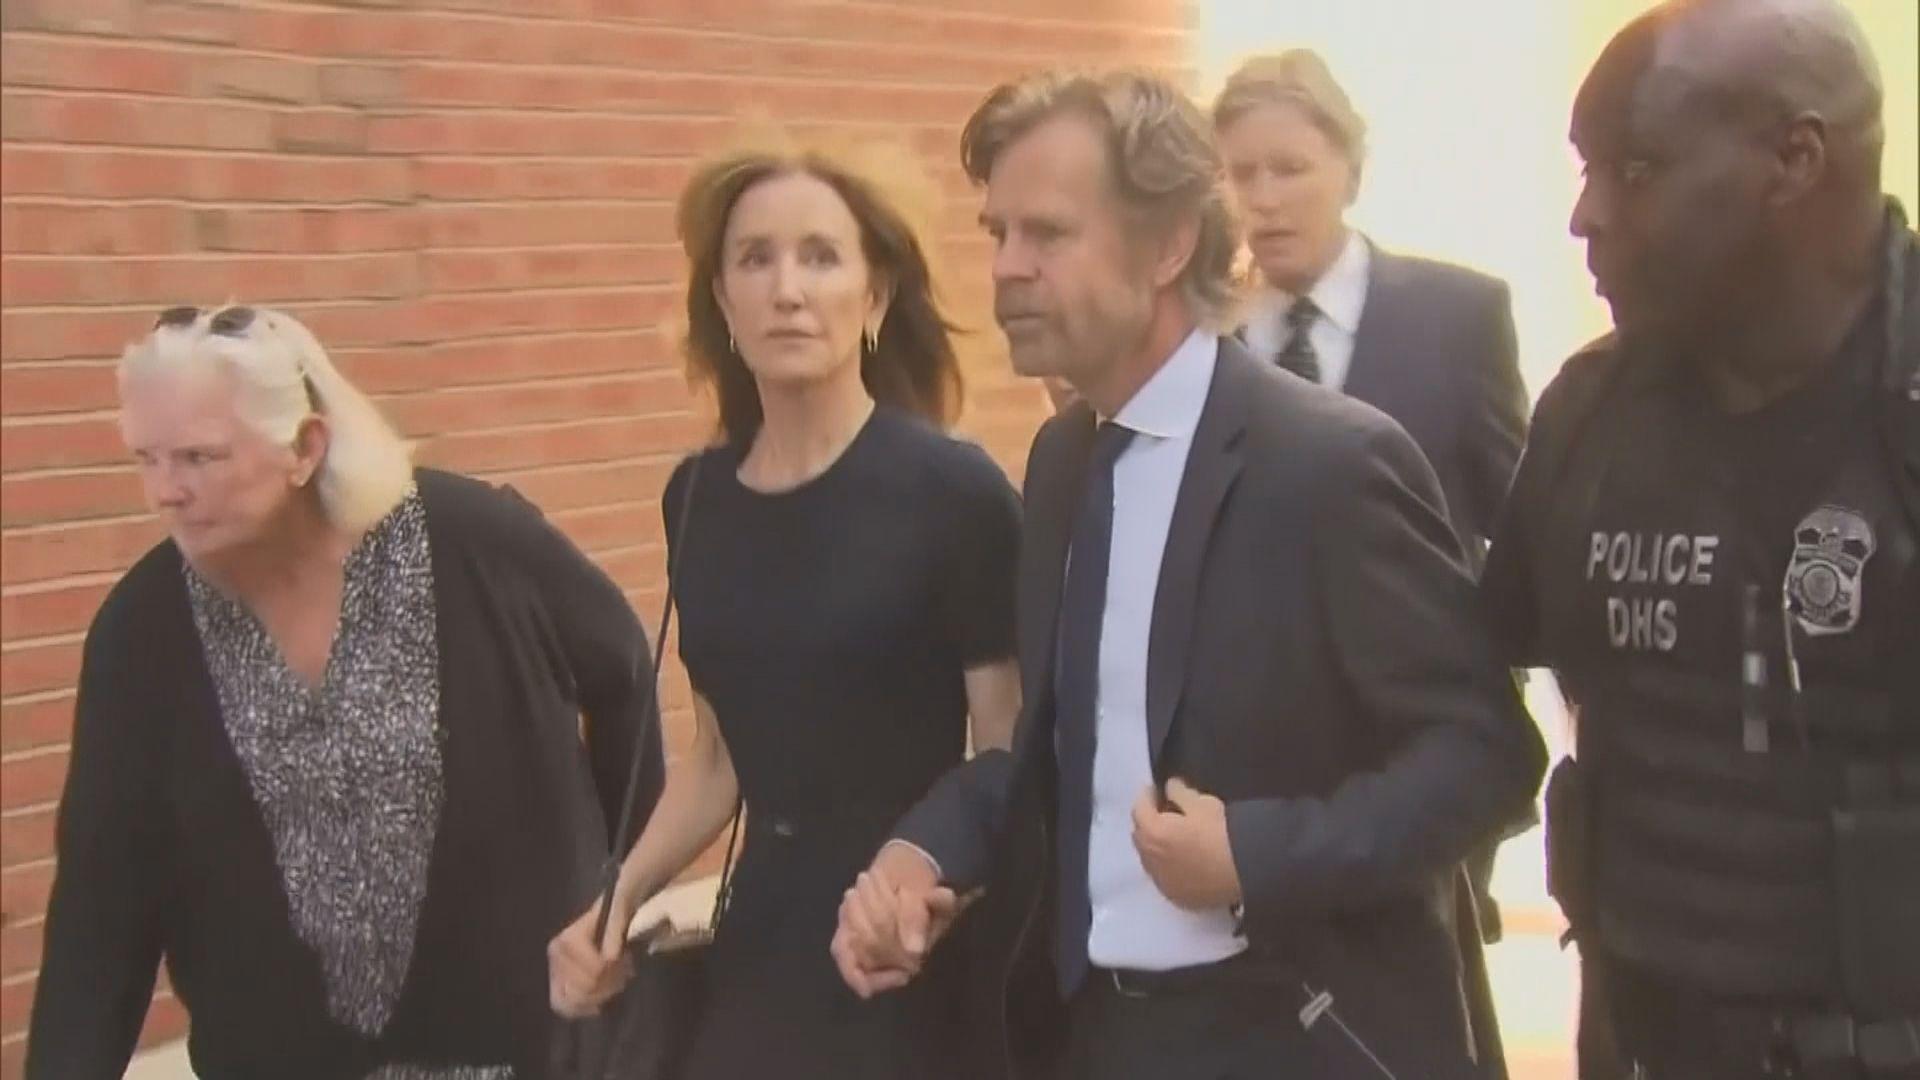 大學招生賄賂案 菲利絲蒂夏夫曼為首位被判刑家長